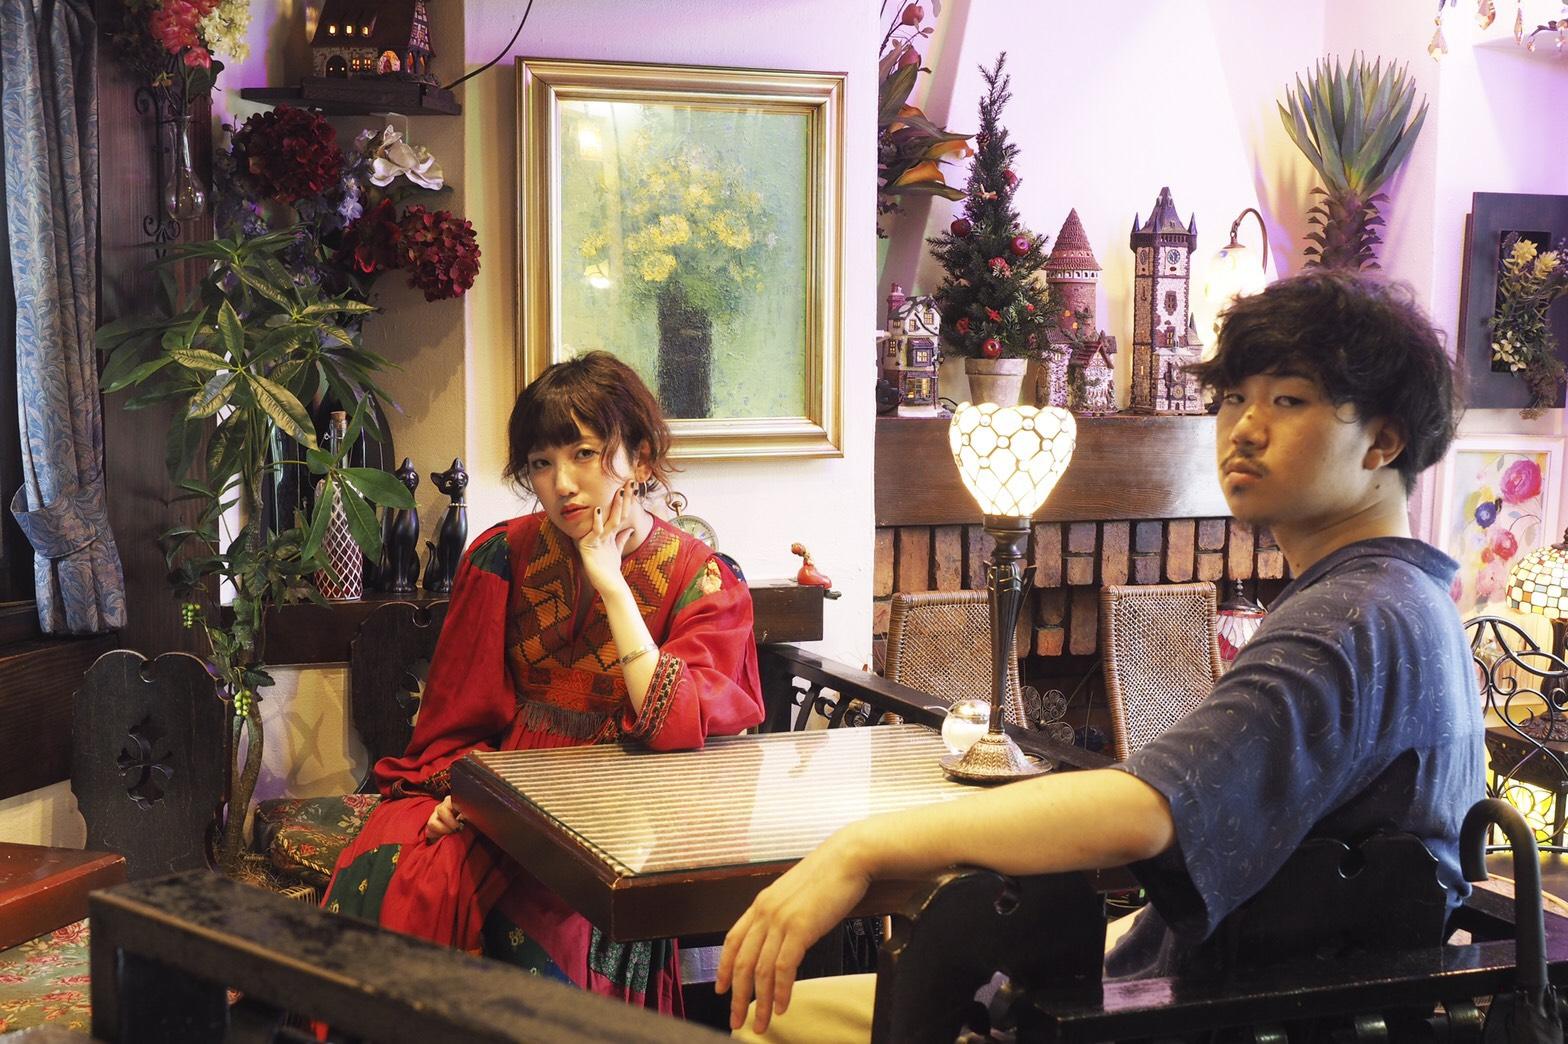 恋は魔物、即日完売した限定シングル『新宿は君を思い出すから嫌い』の配信リリース決定&2月渋谷で発売記念ライブも